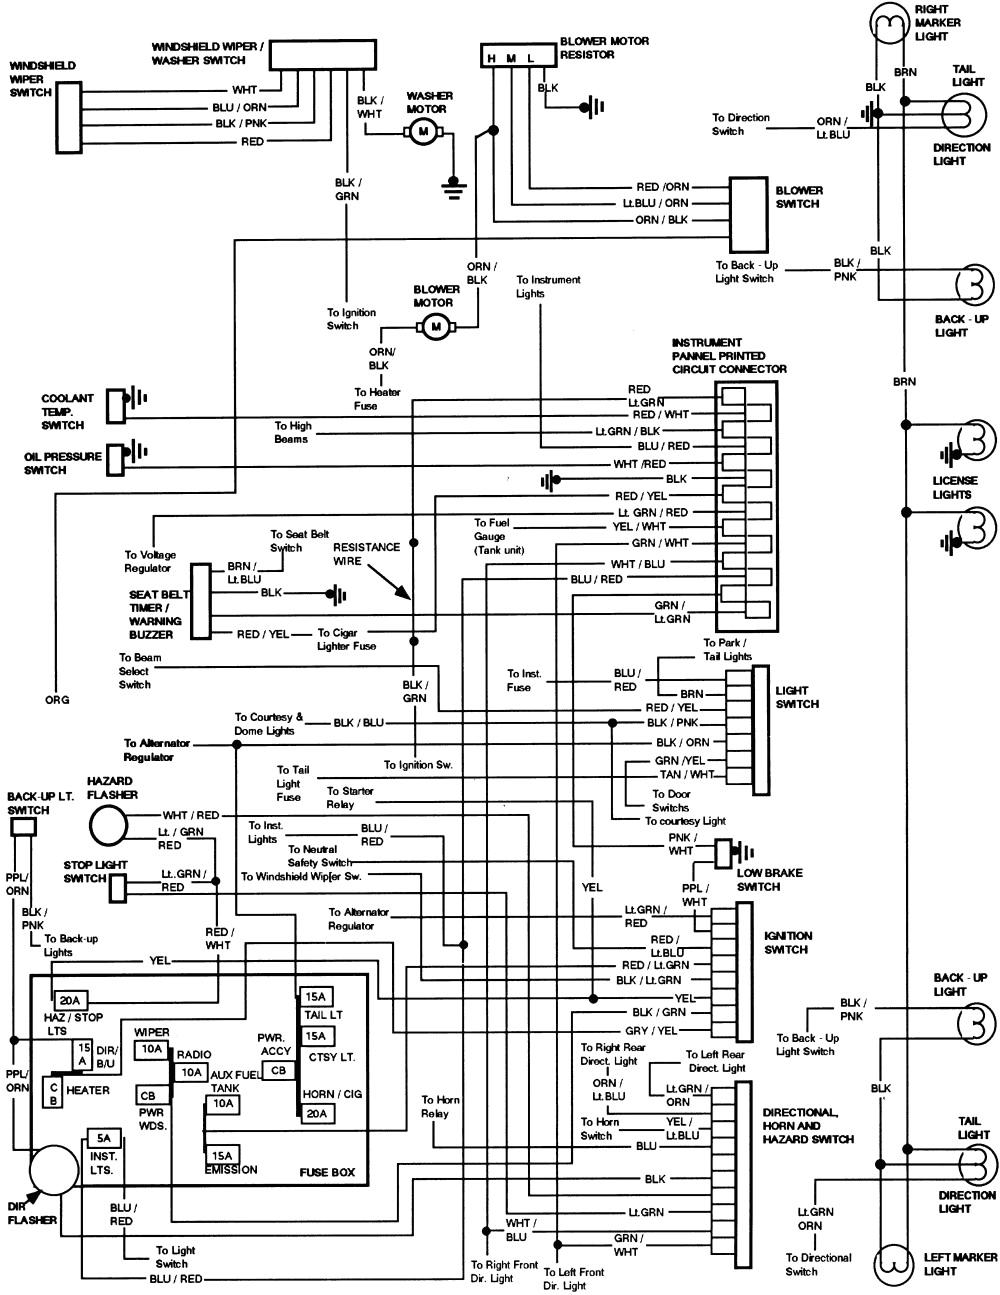 1984 ford f 150 vacuum diagram wiring diagram go 84 ford f250 wiring diagram 1984 ford